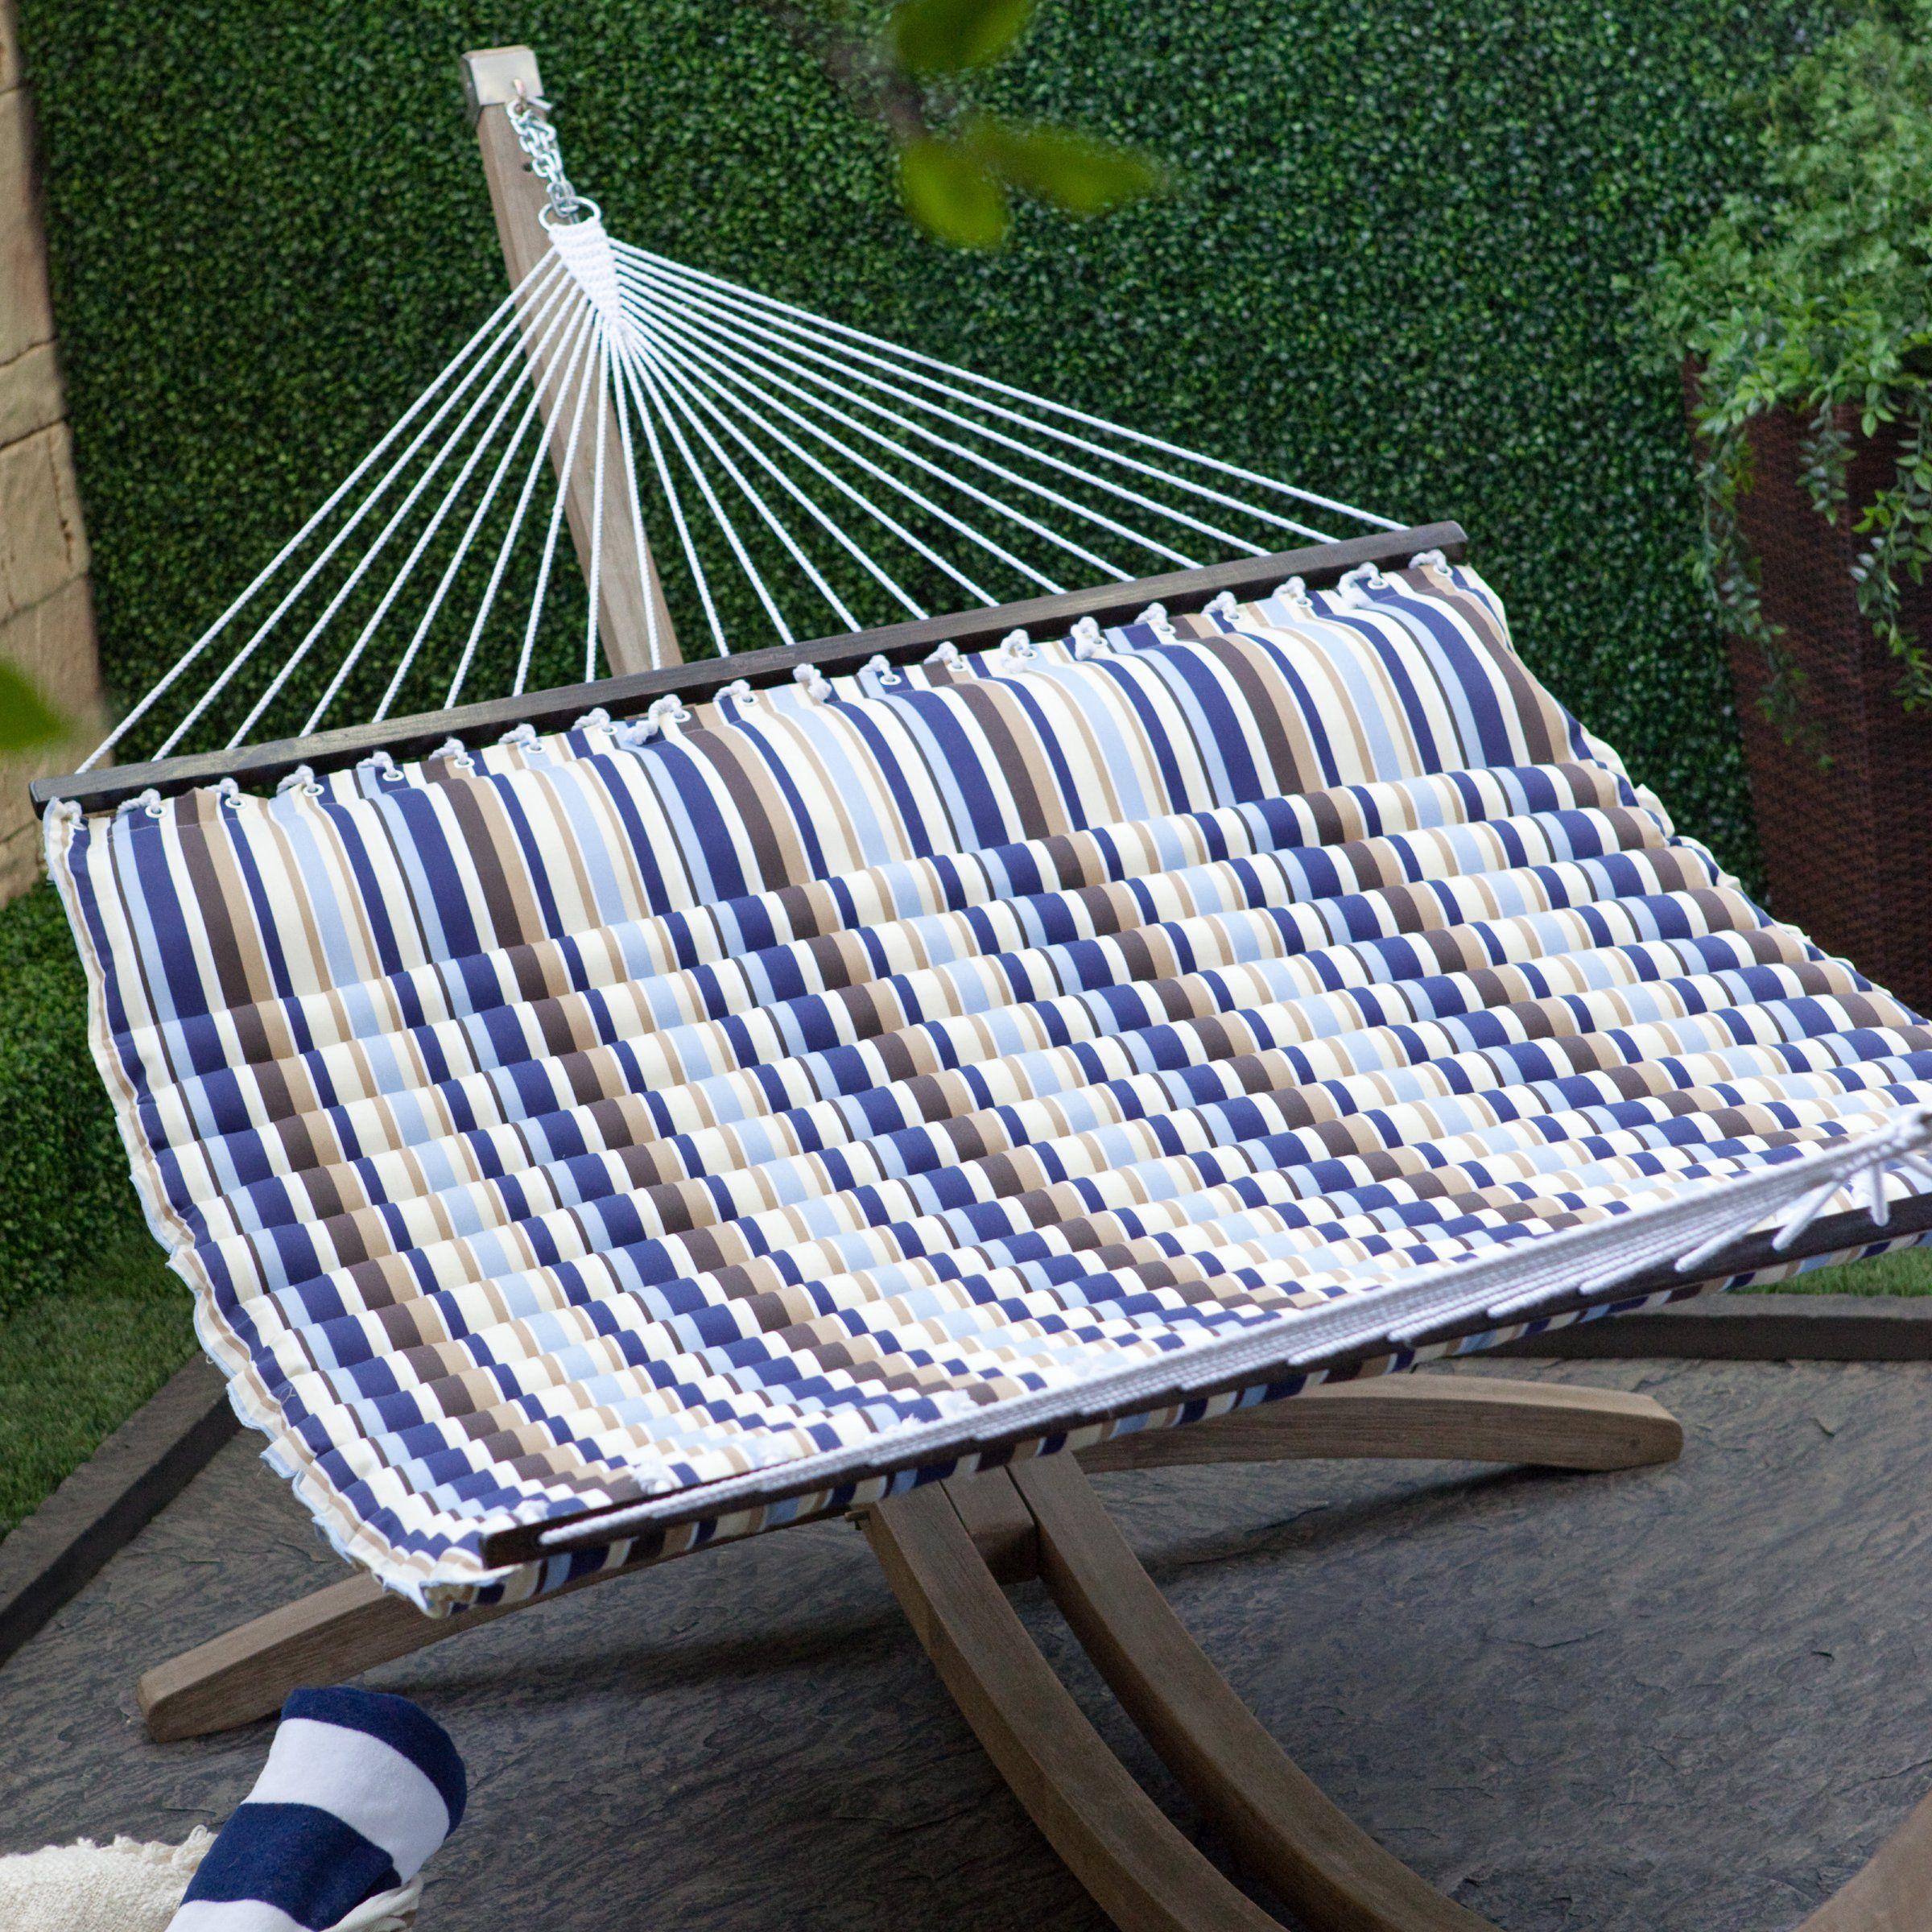 seaside pillow top hammock   hammocks at hayneedle island bay 13 ft  seaside pillow top hammock   hammocks at      rh   pinterest